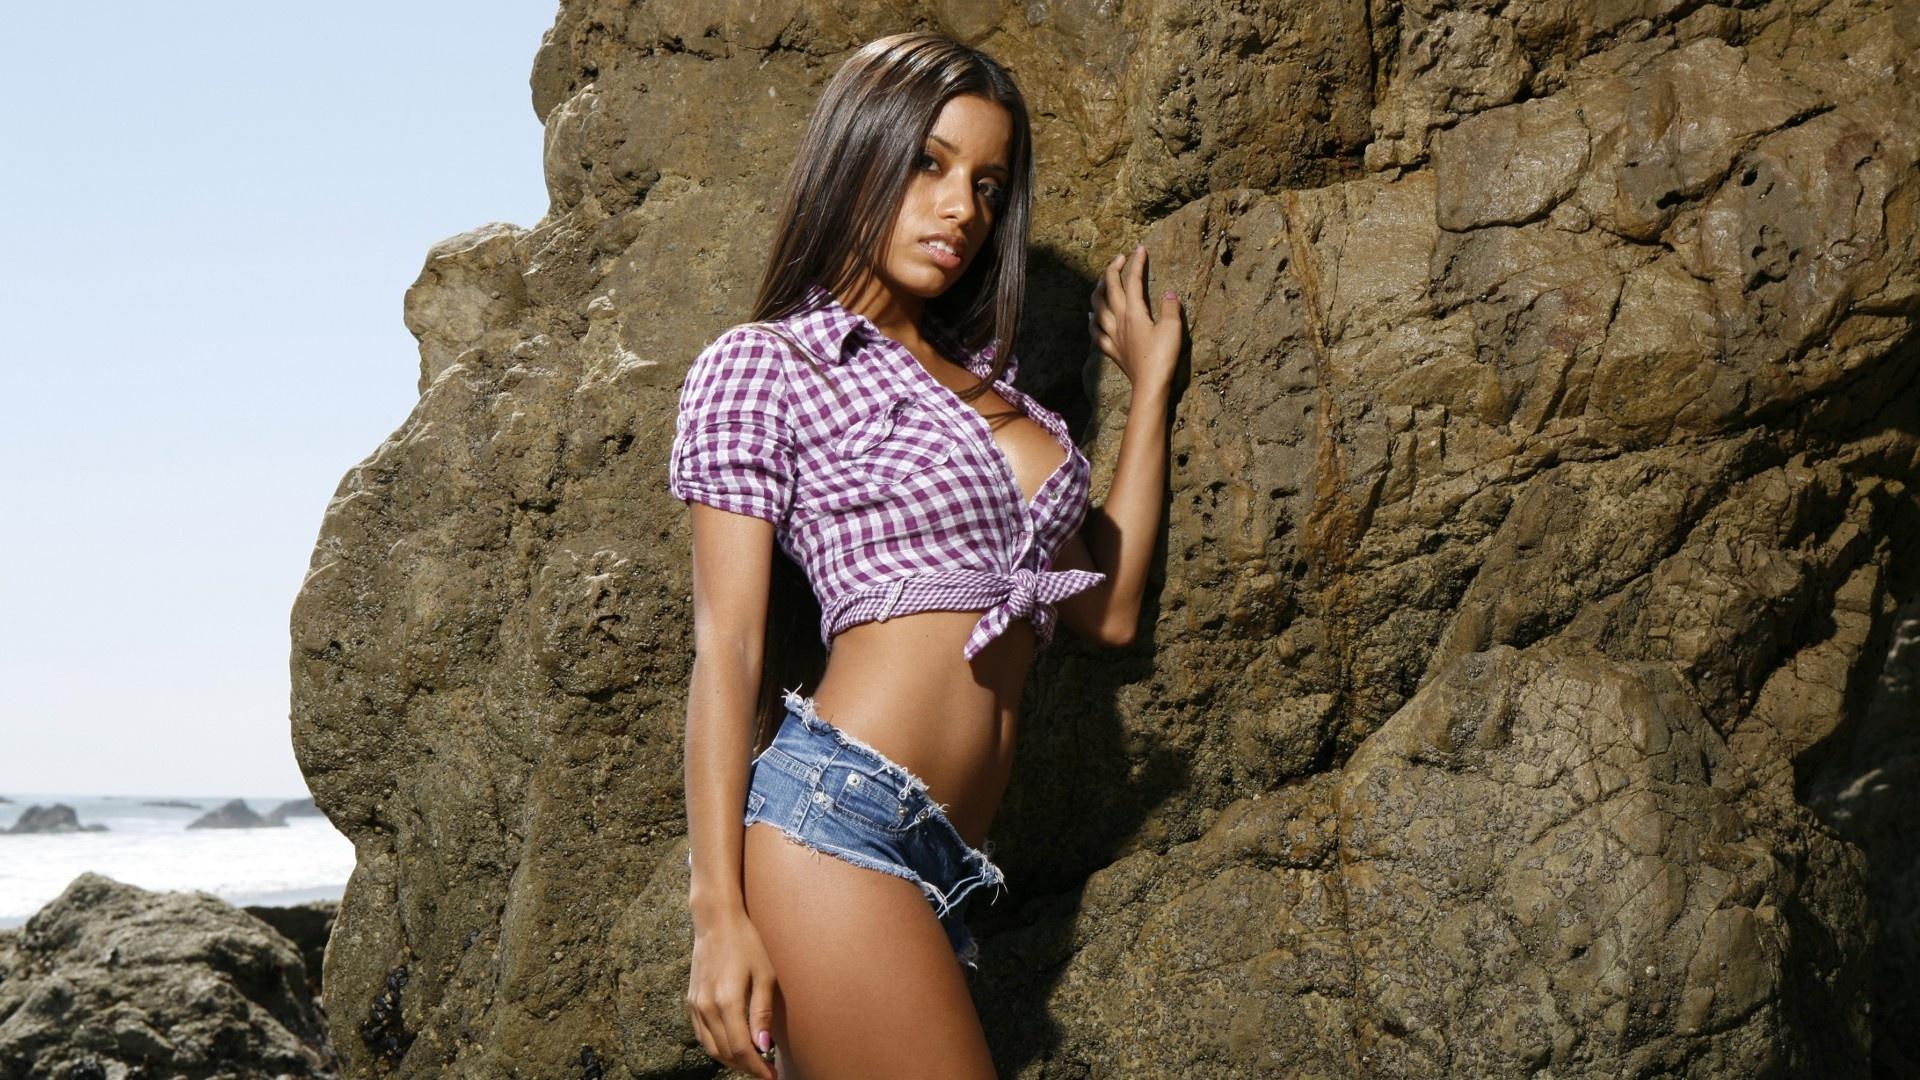 девушка брюнетка рубашка shirt  № 362035  скачать